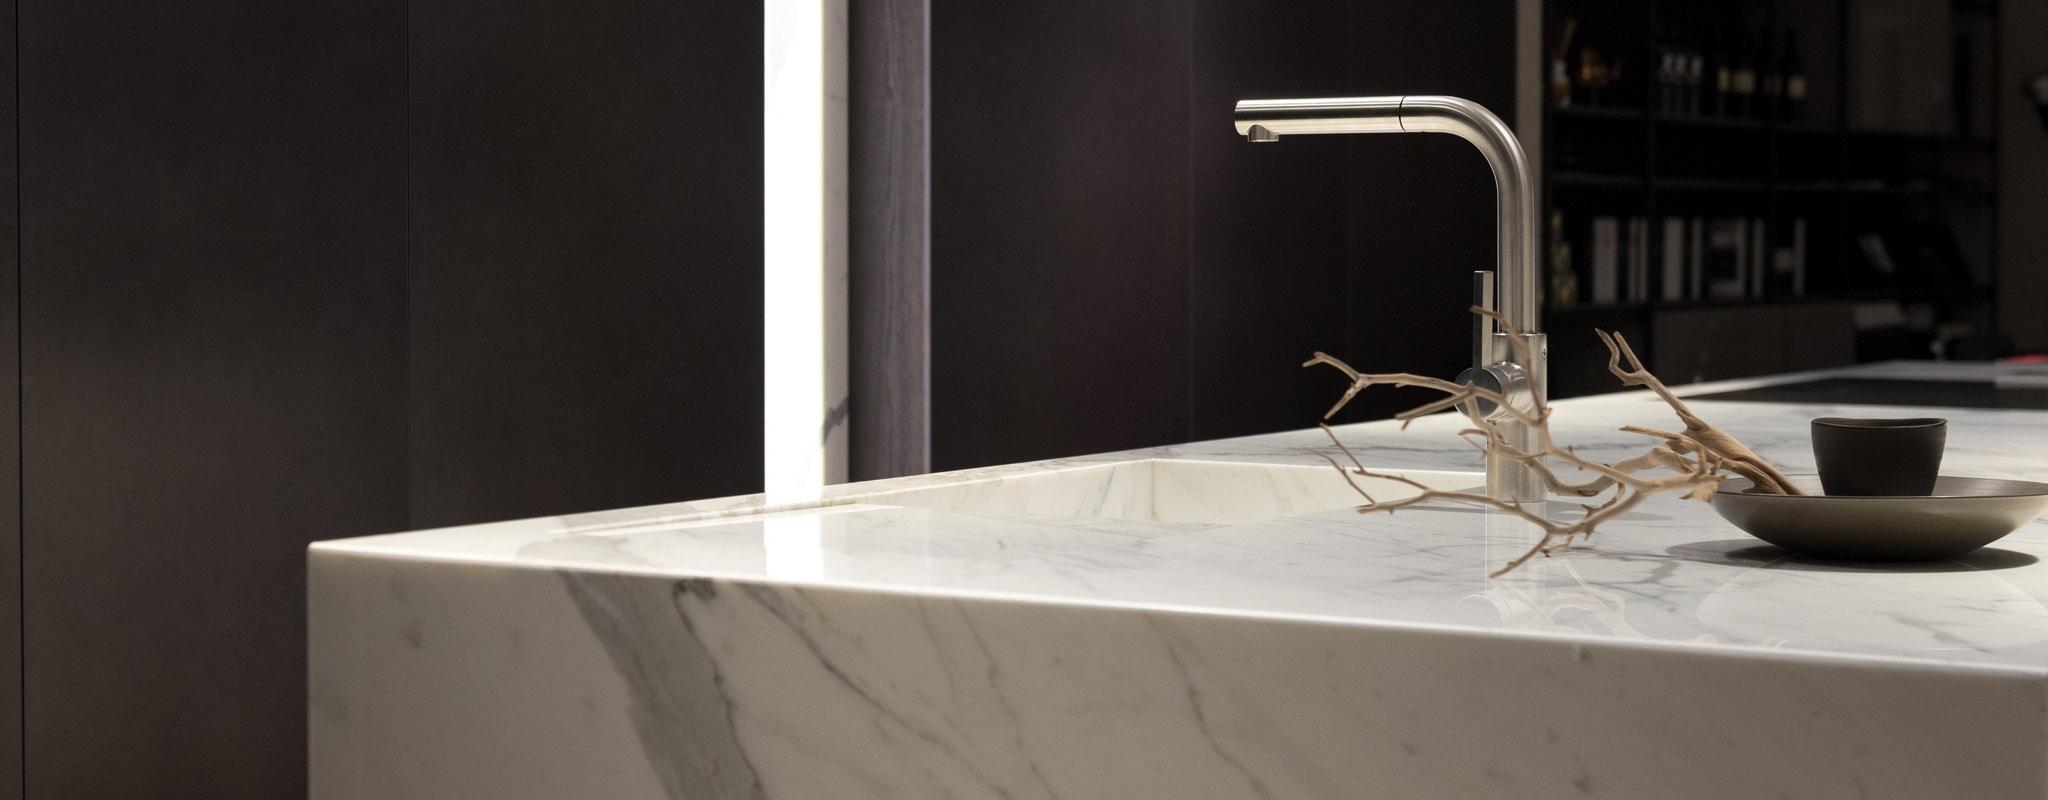 Küche Naturstein Marmor